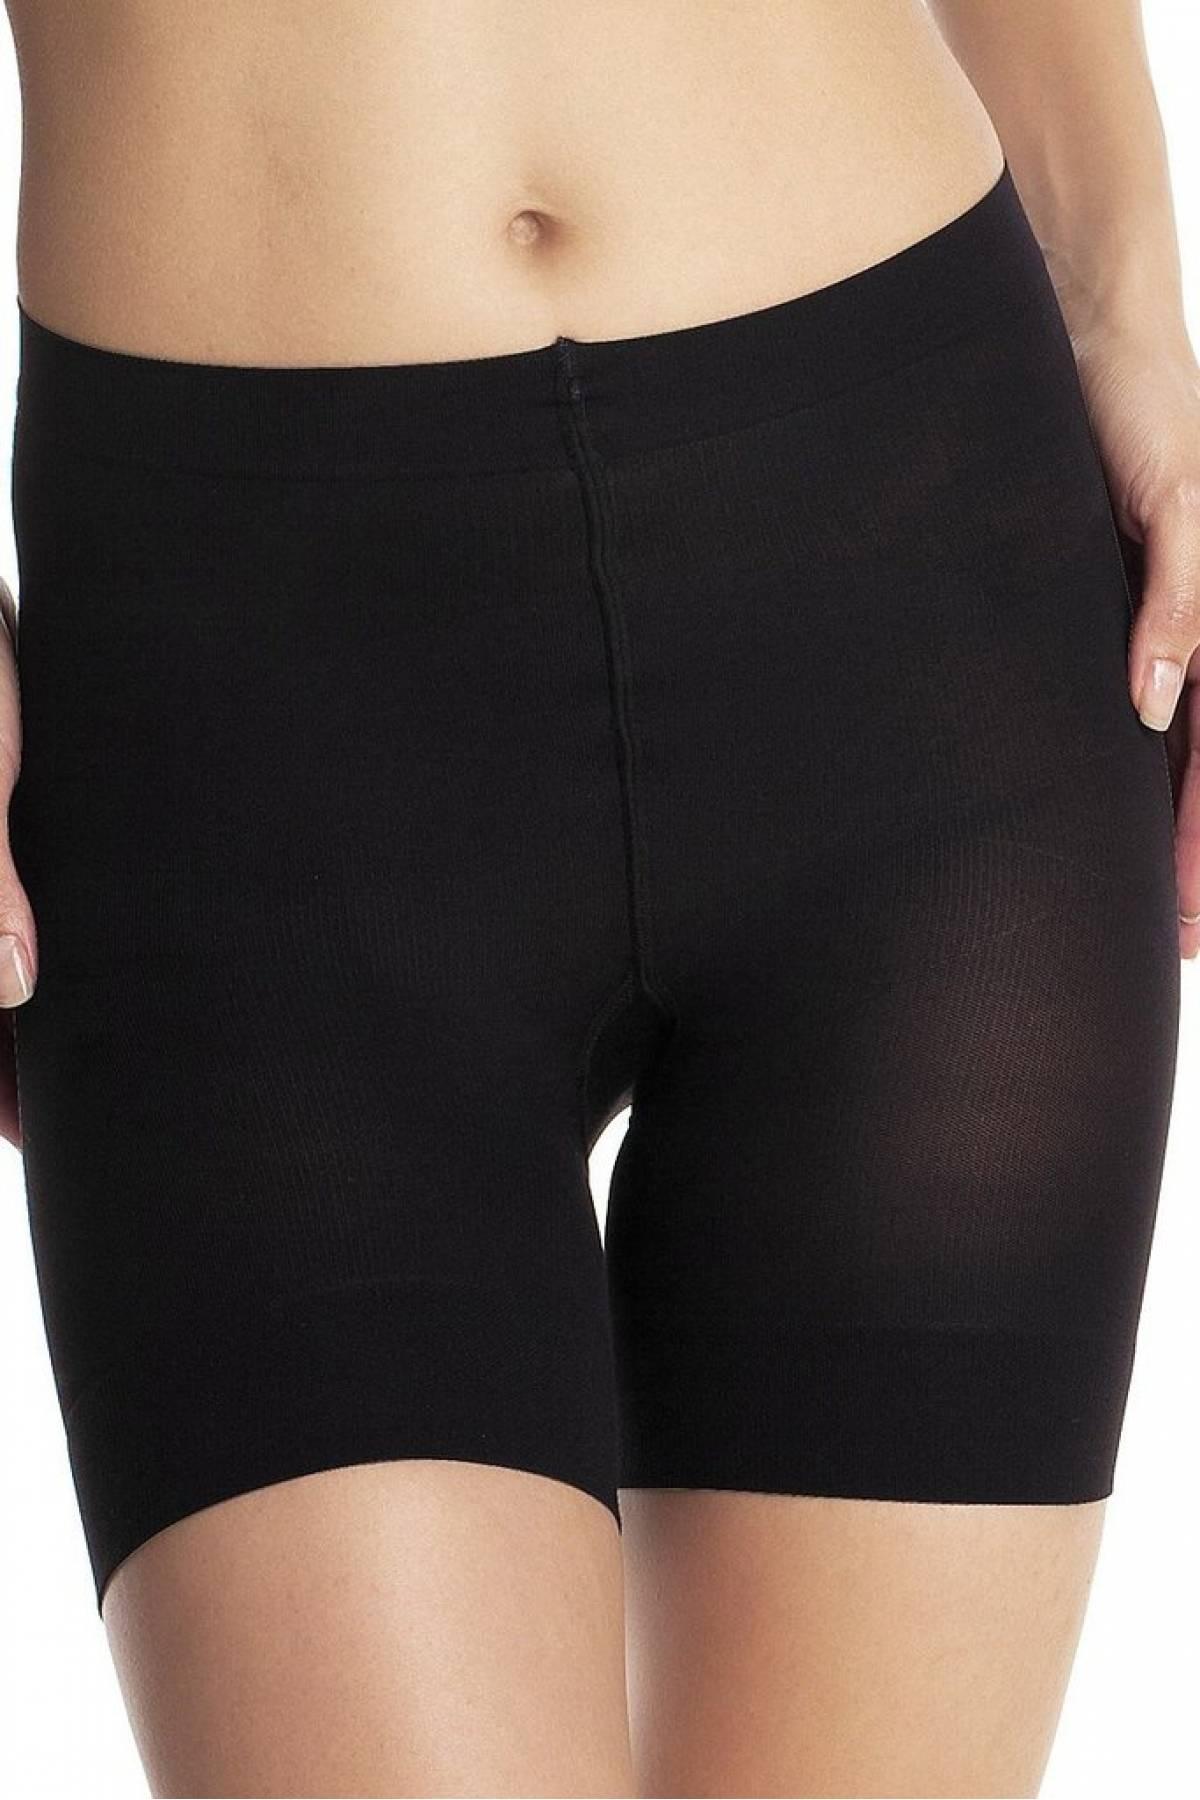 Антицеллюлитные панталоны DIM